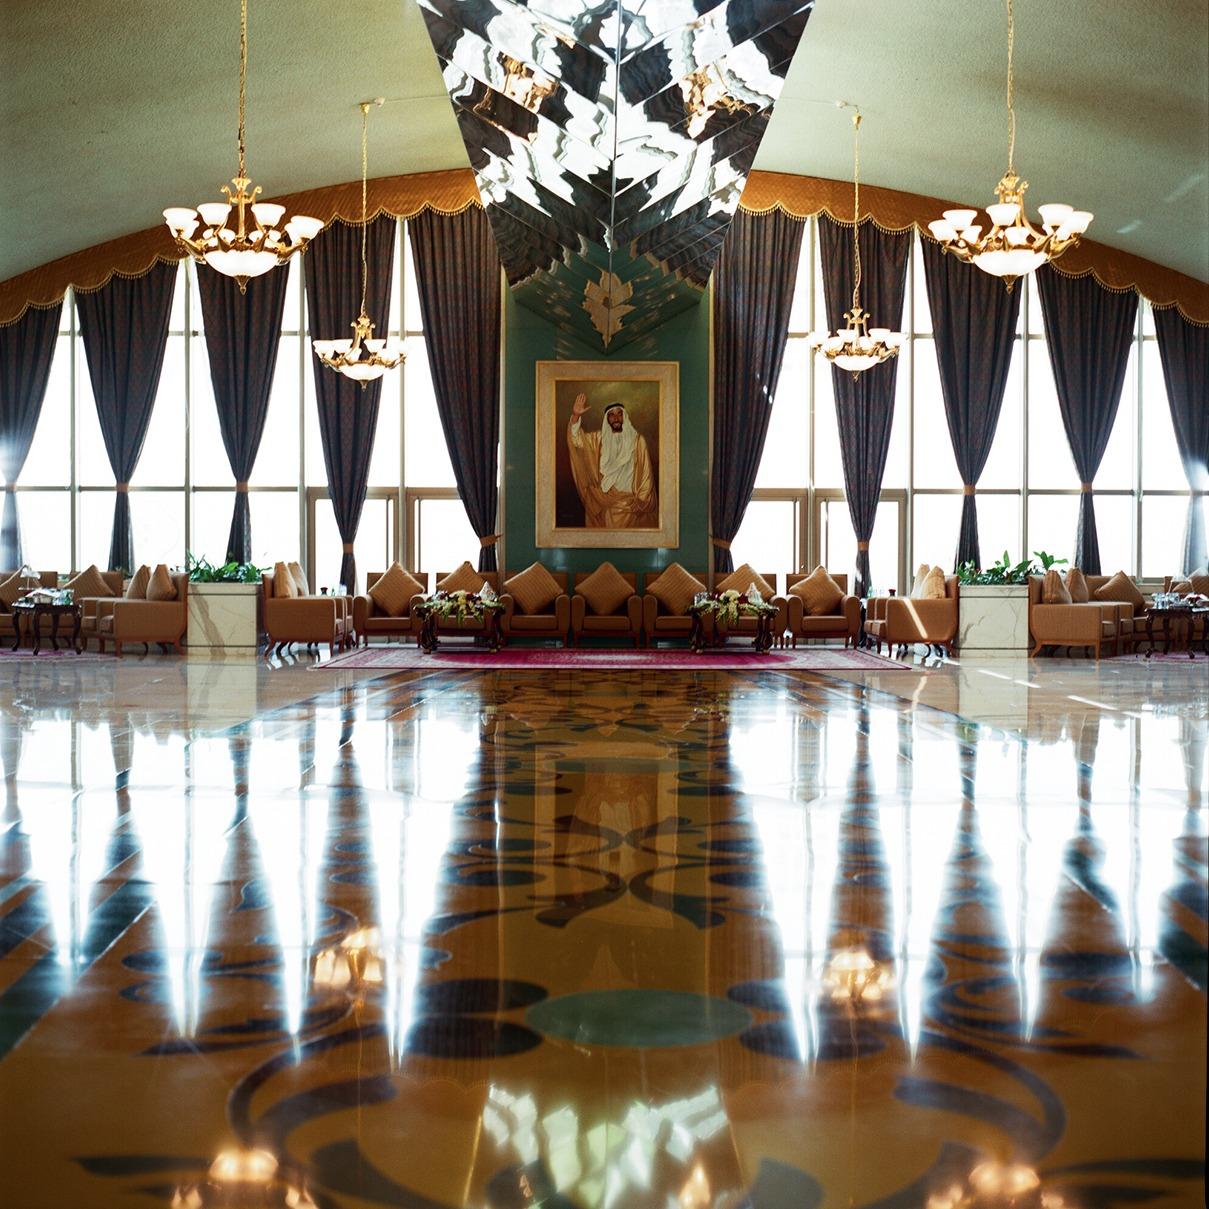 Sheikh Zayed Majlis